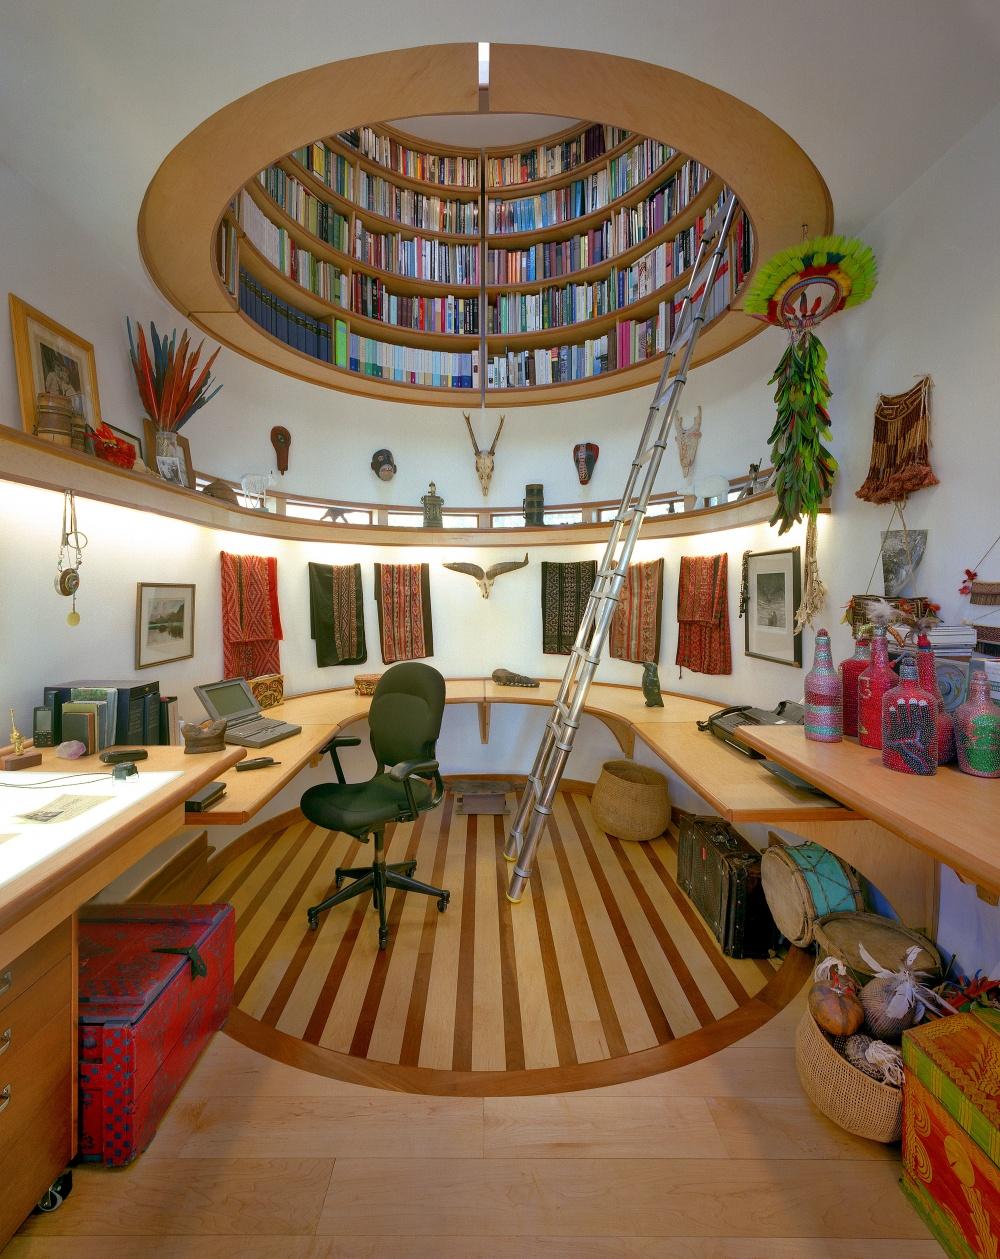 Библиотека придаст шика любому дому, только где взять столько книг?.. Горка